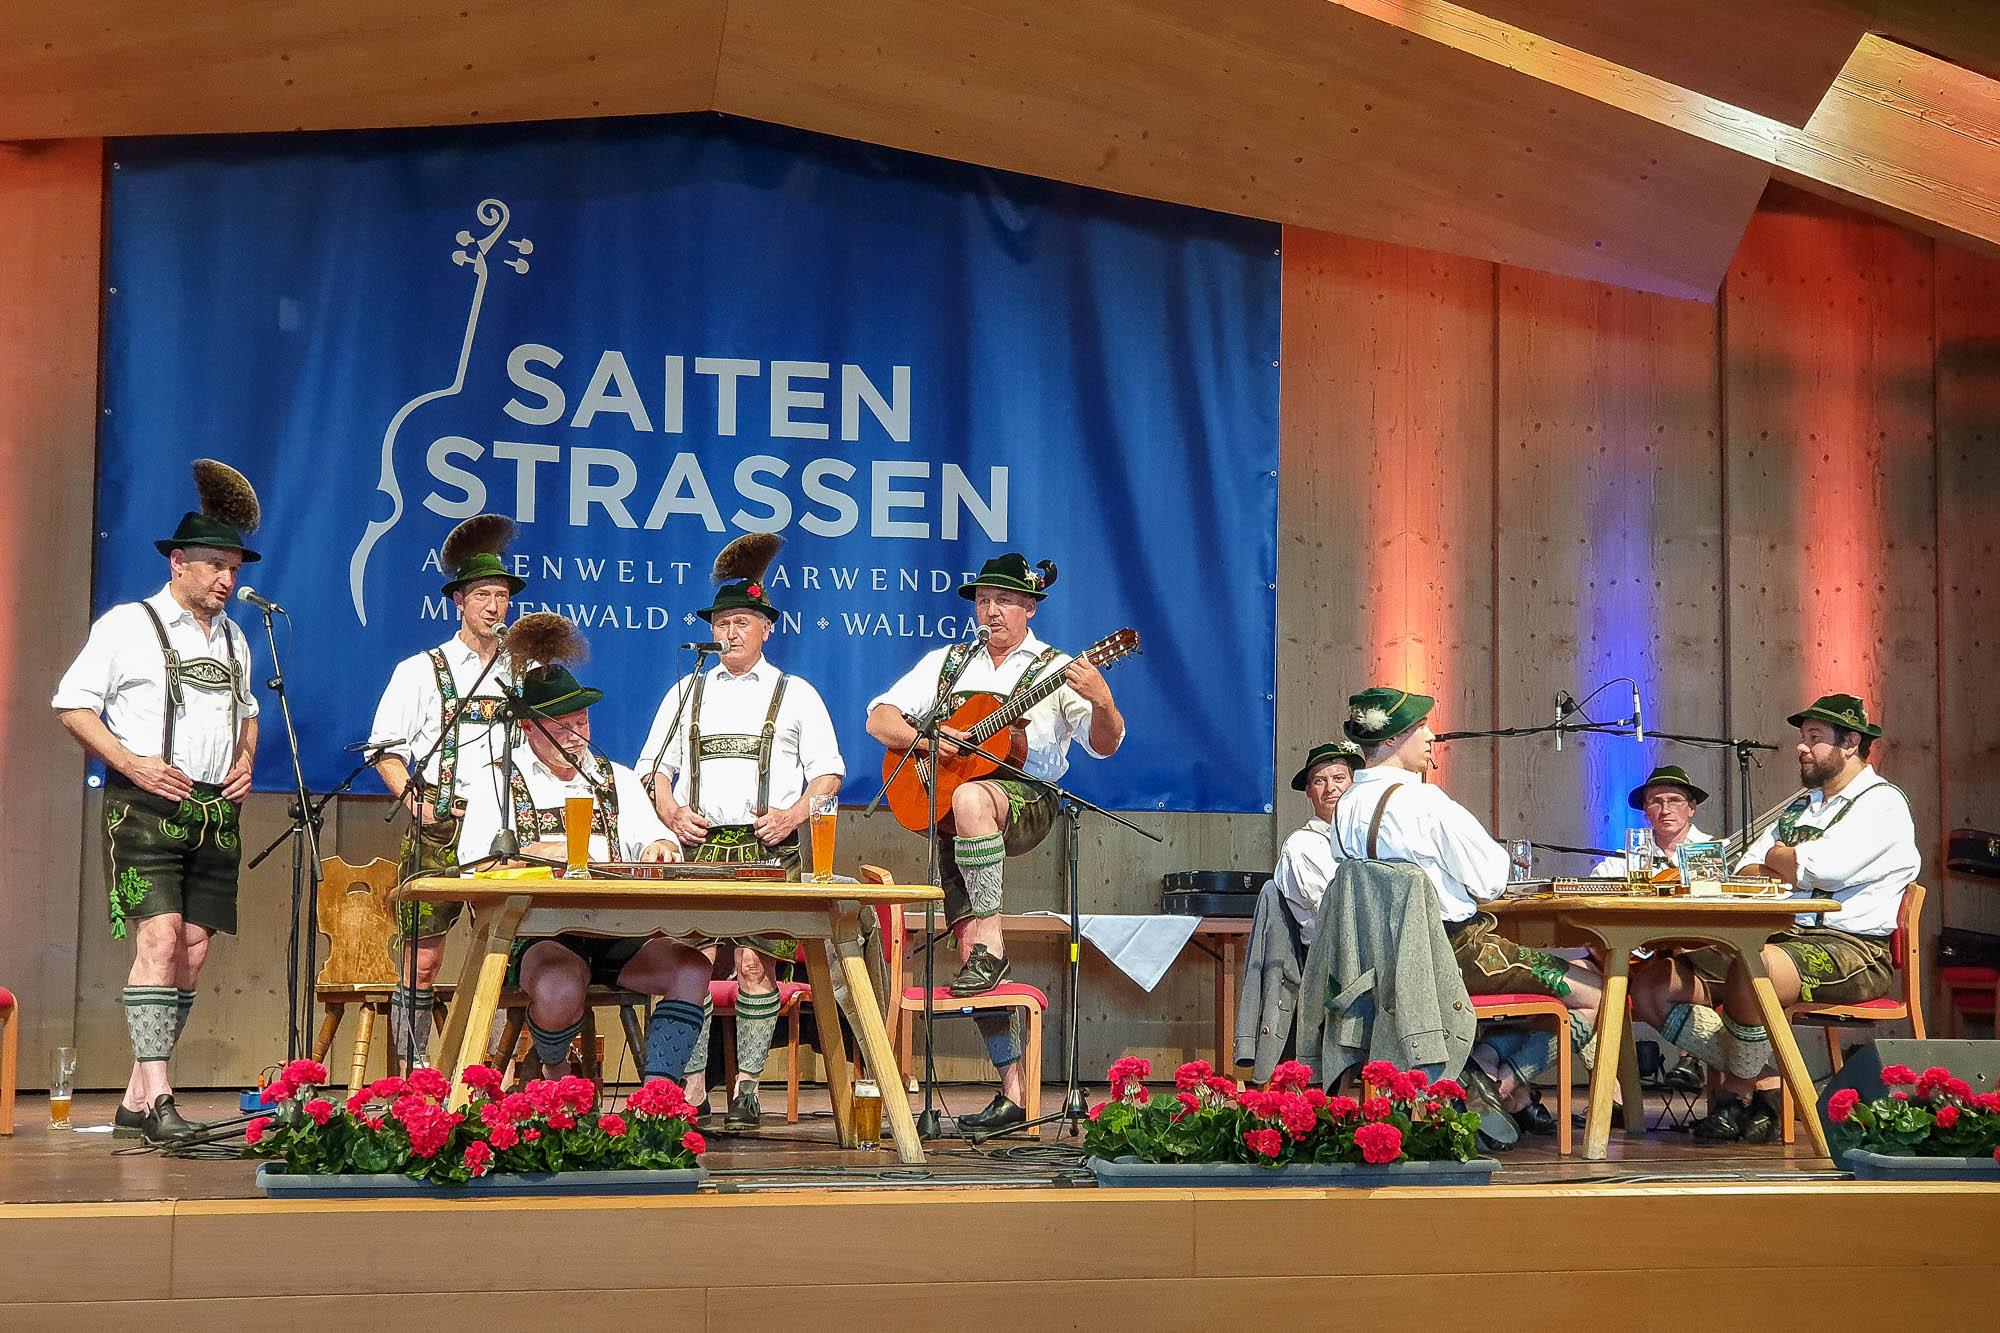 Saitenstrassen Musikfest in Krün